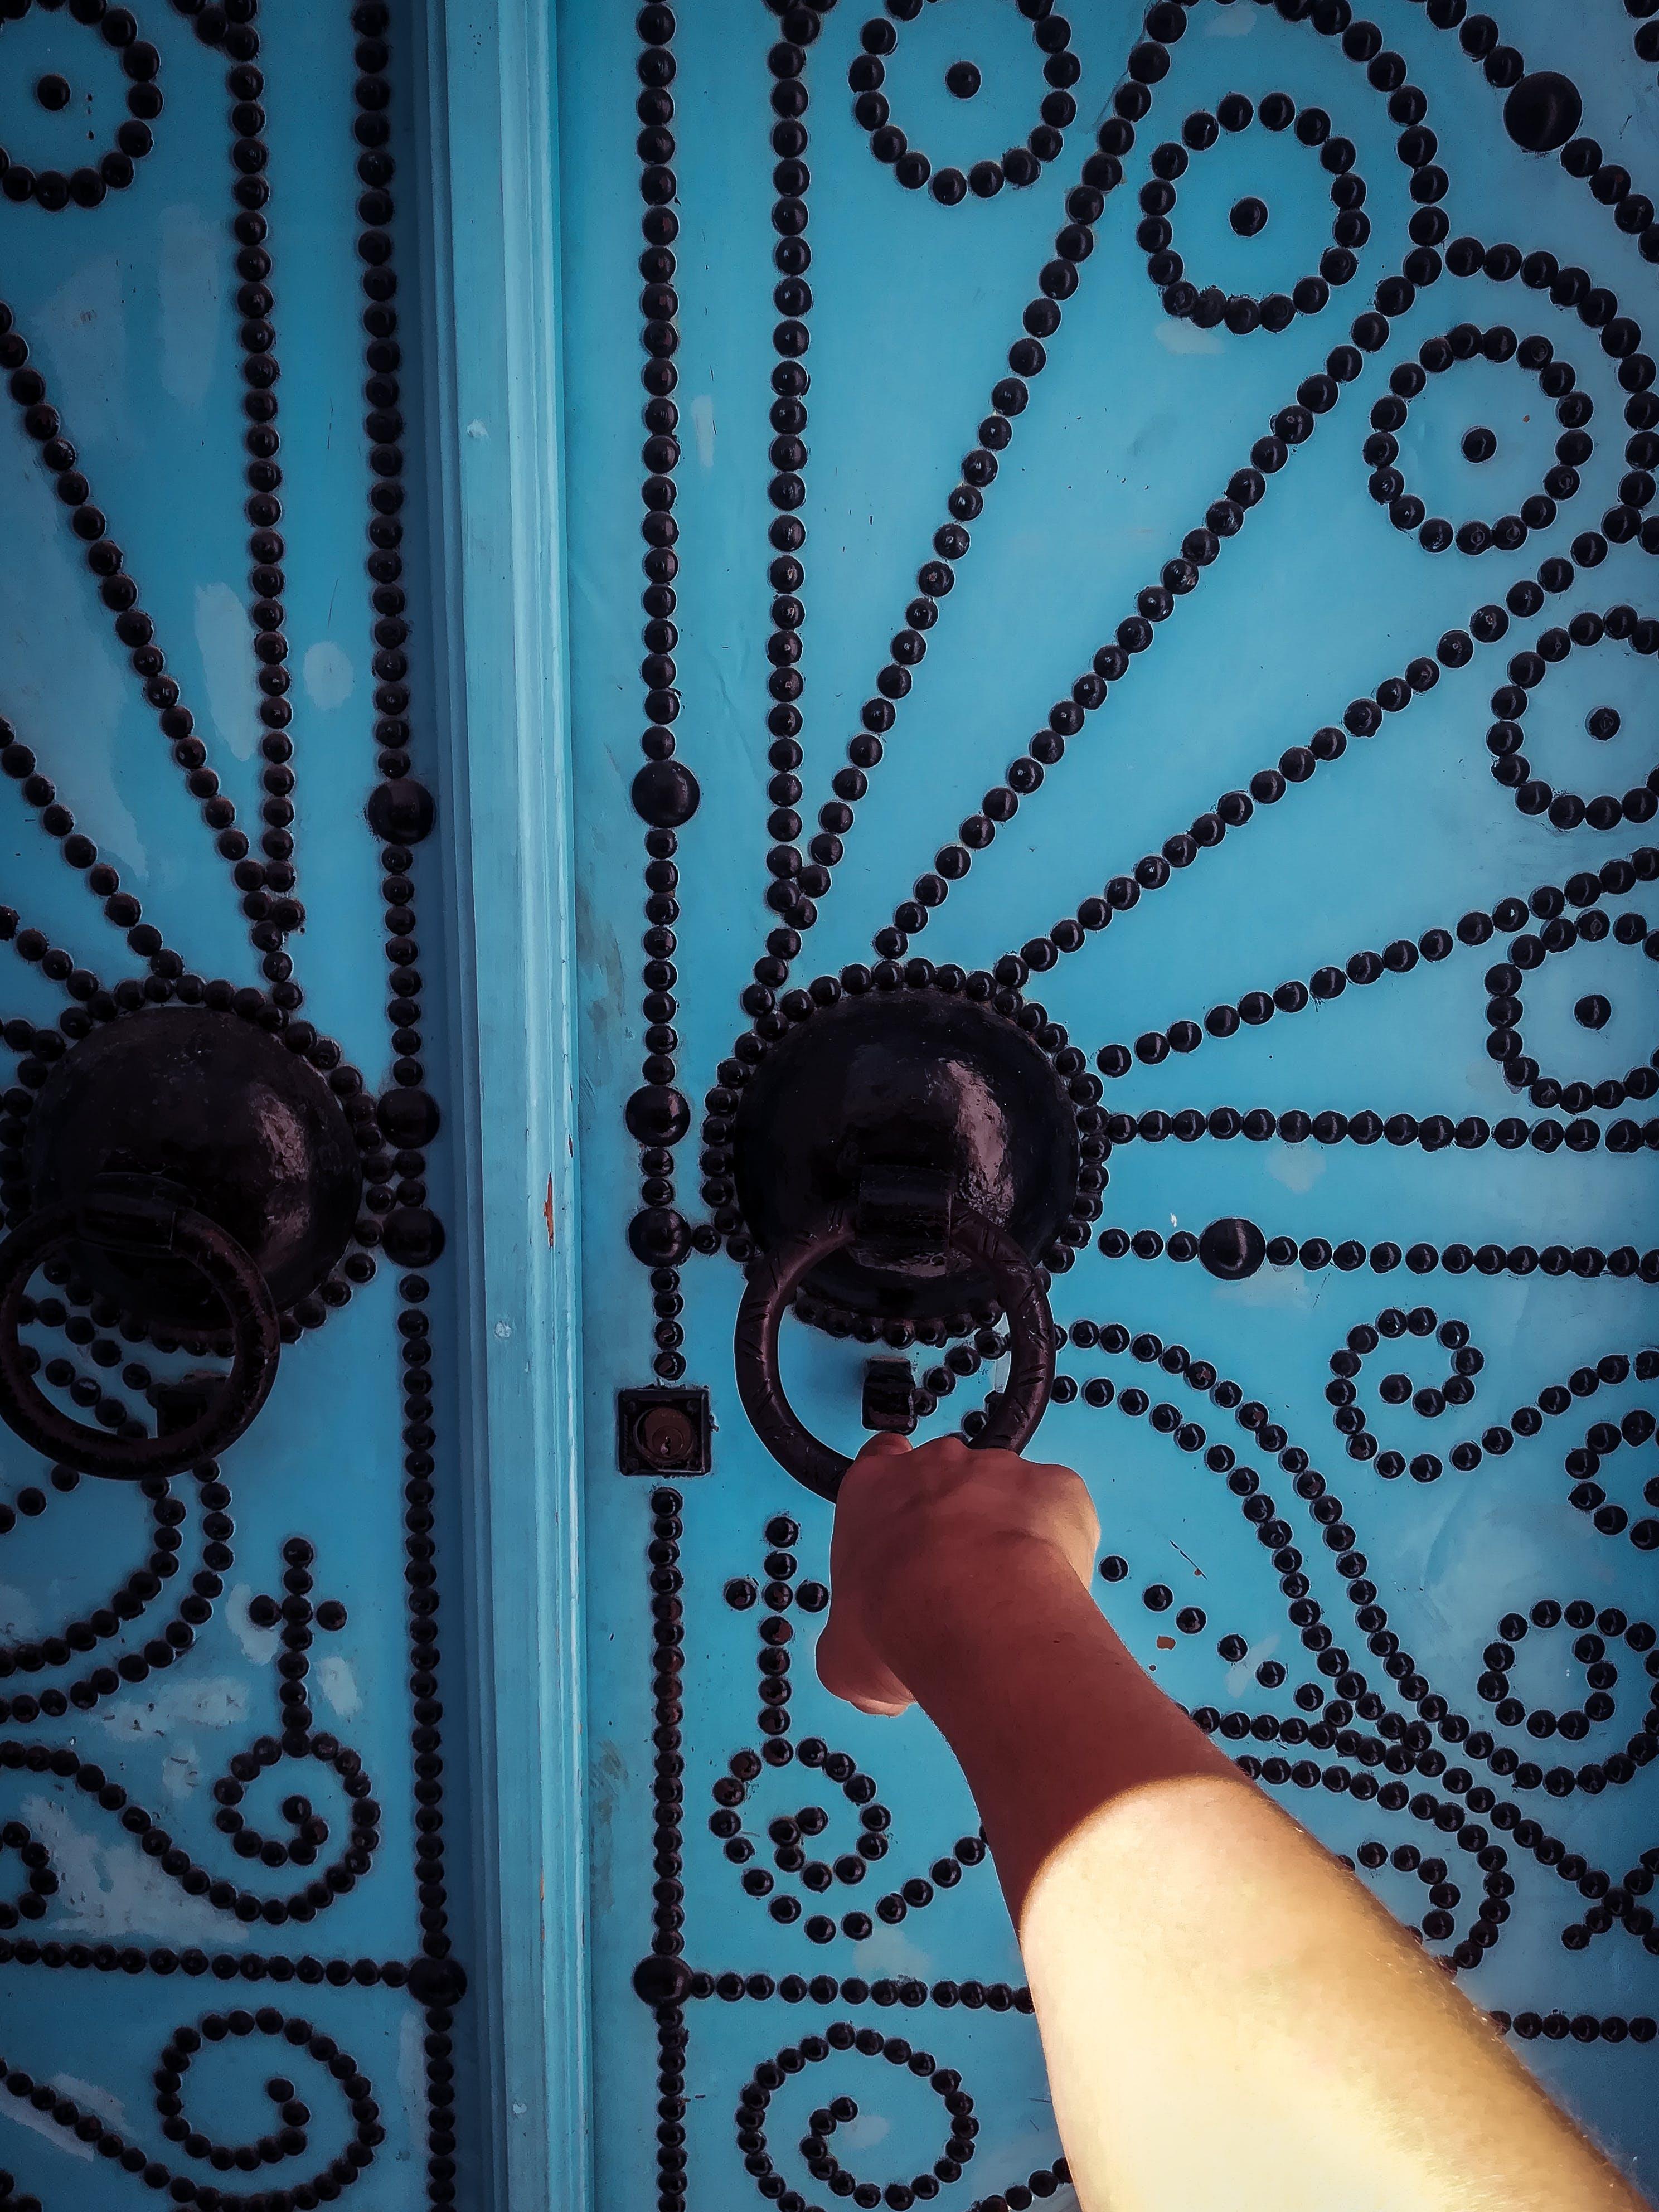 Kostenloses Stock Foto zu traditionell, tunesien, tunis, tür